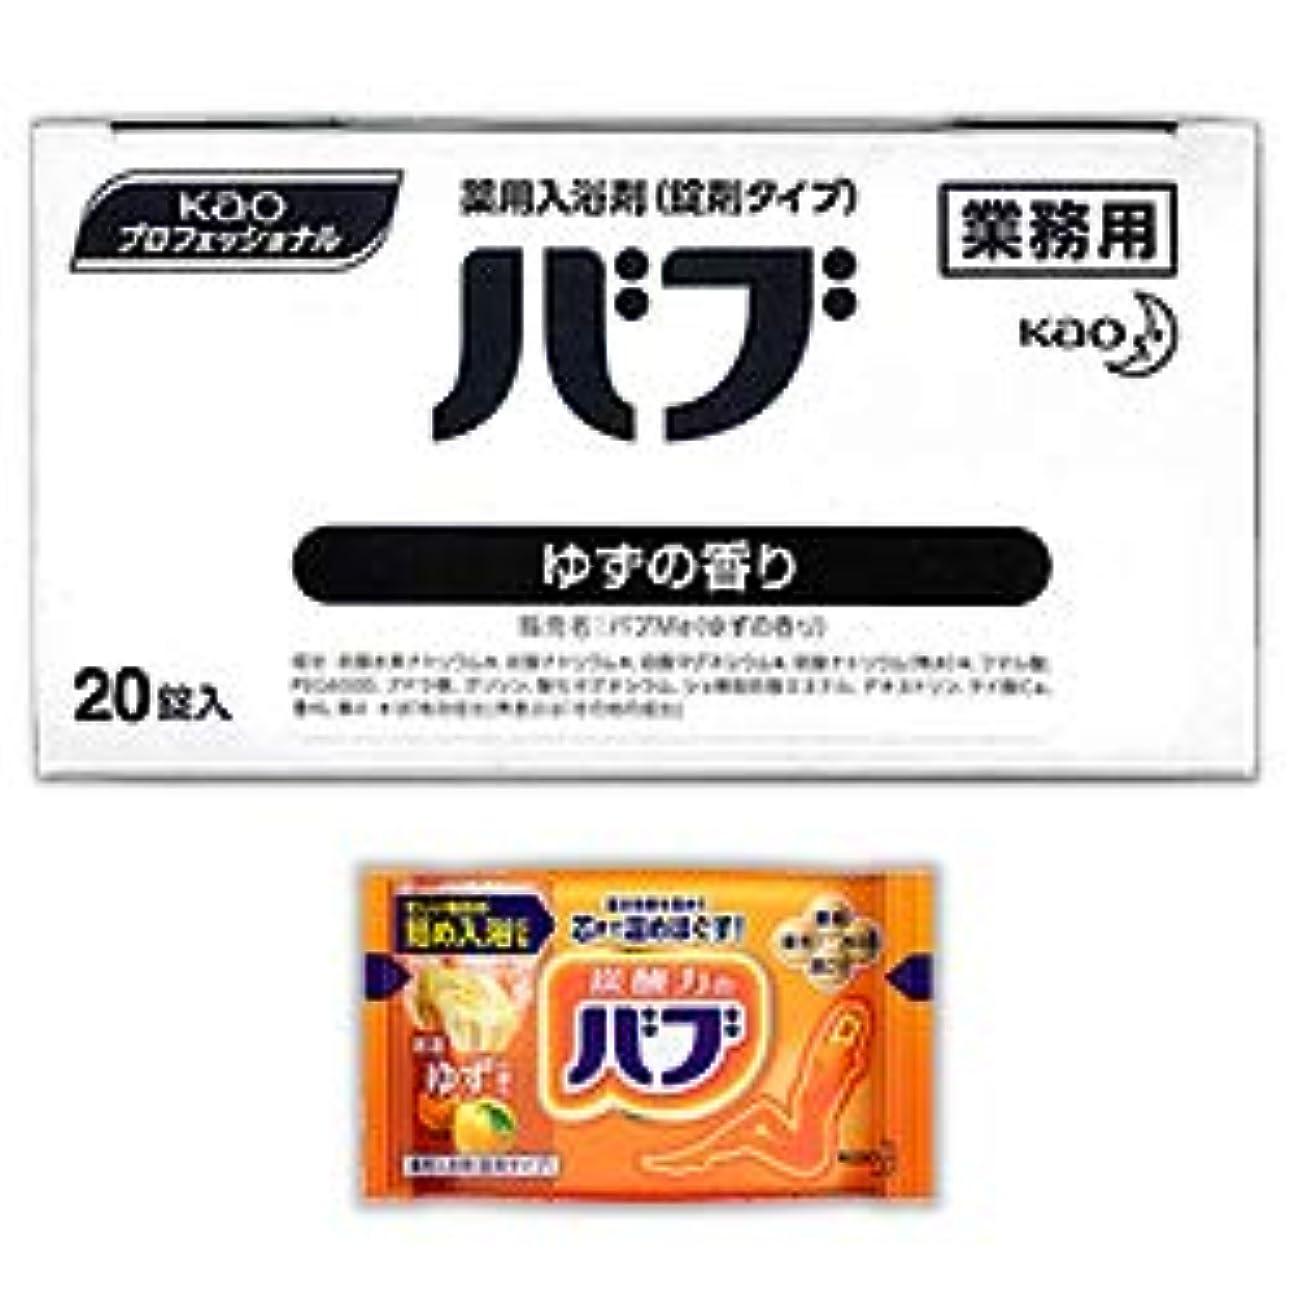 暴君レオナルドダペダル【花王】Kaoプロフェッショナル バブ ゆずの香り(業務用) 40g×20錠入 ×3個セット